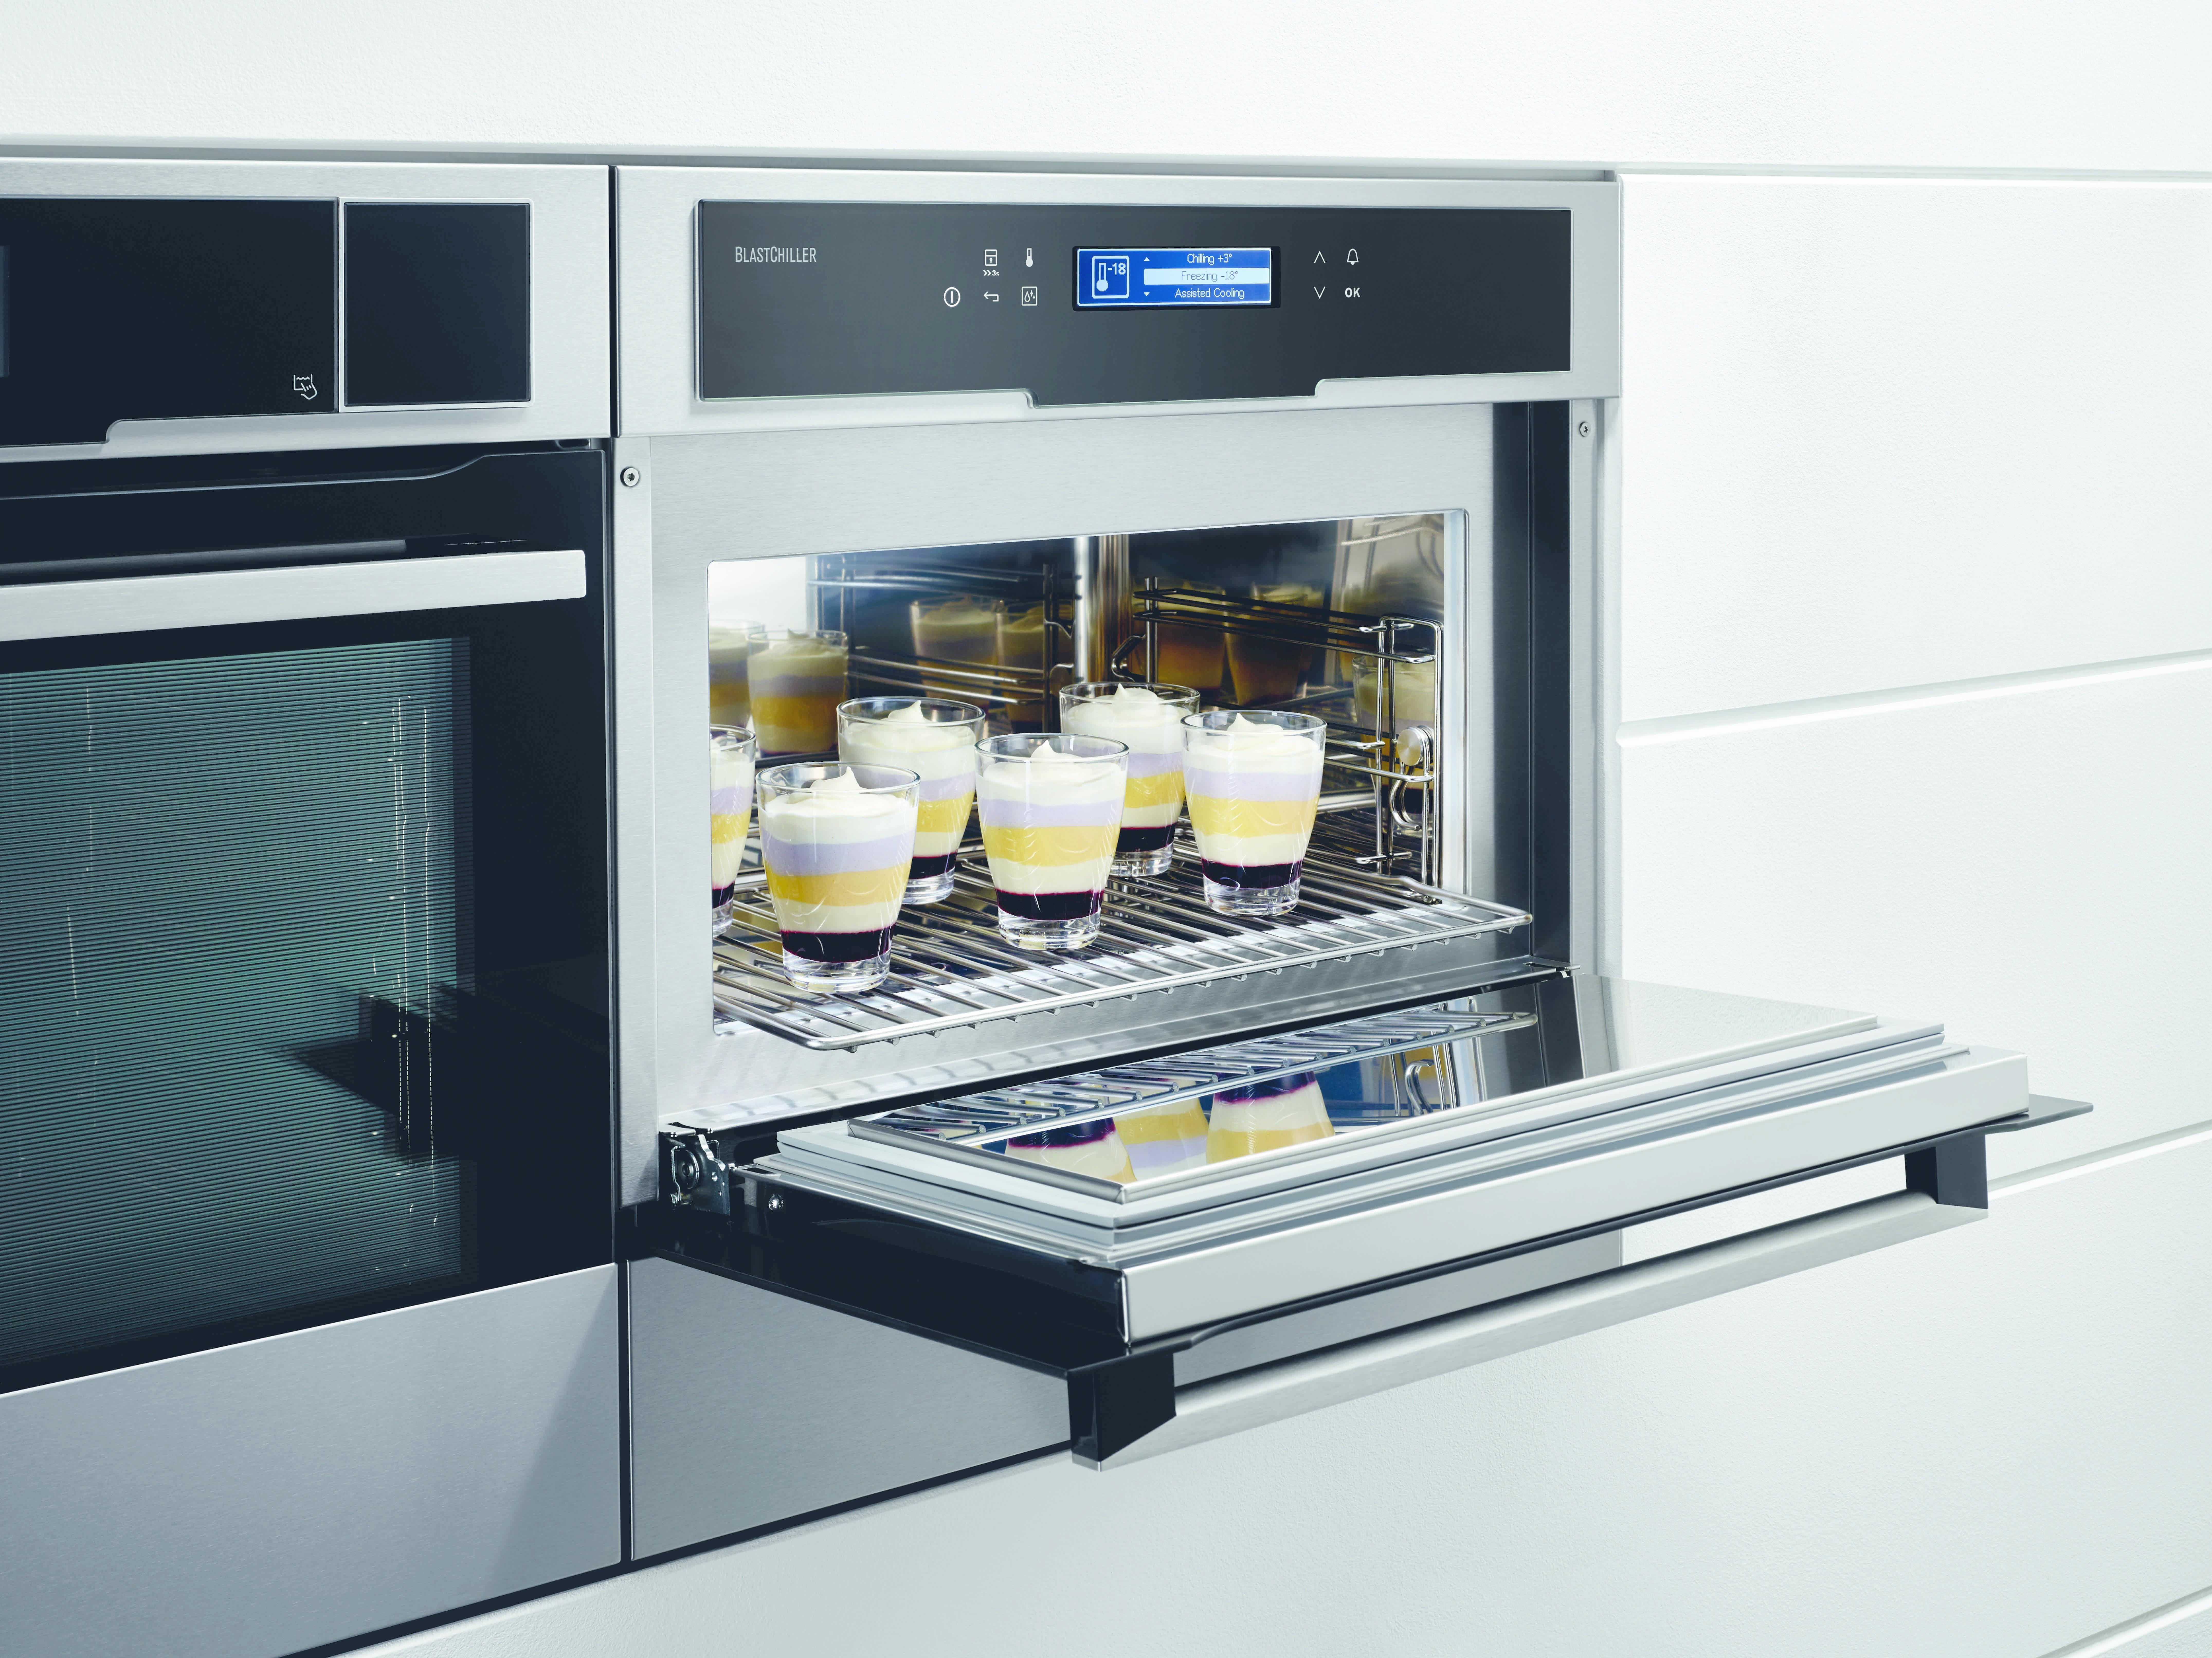 L abbattitore di temperatura freddo rapido anche per la cucina di casa cose di casa - Abbattitore per casa ...